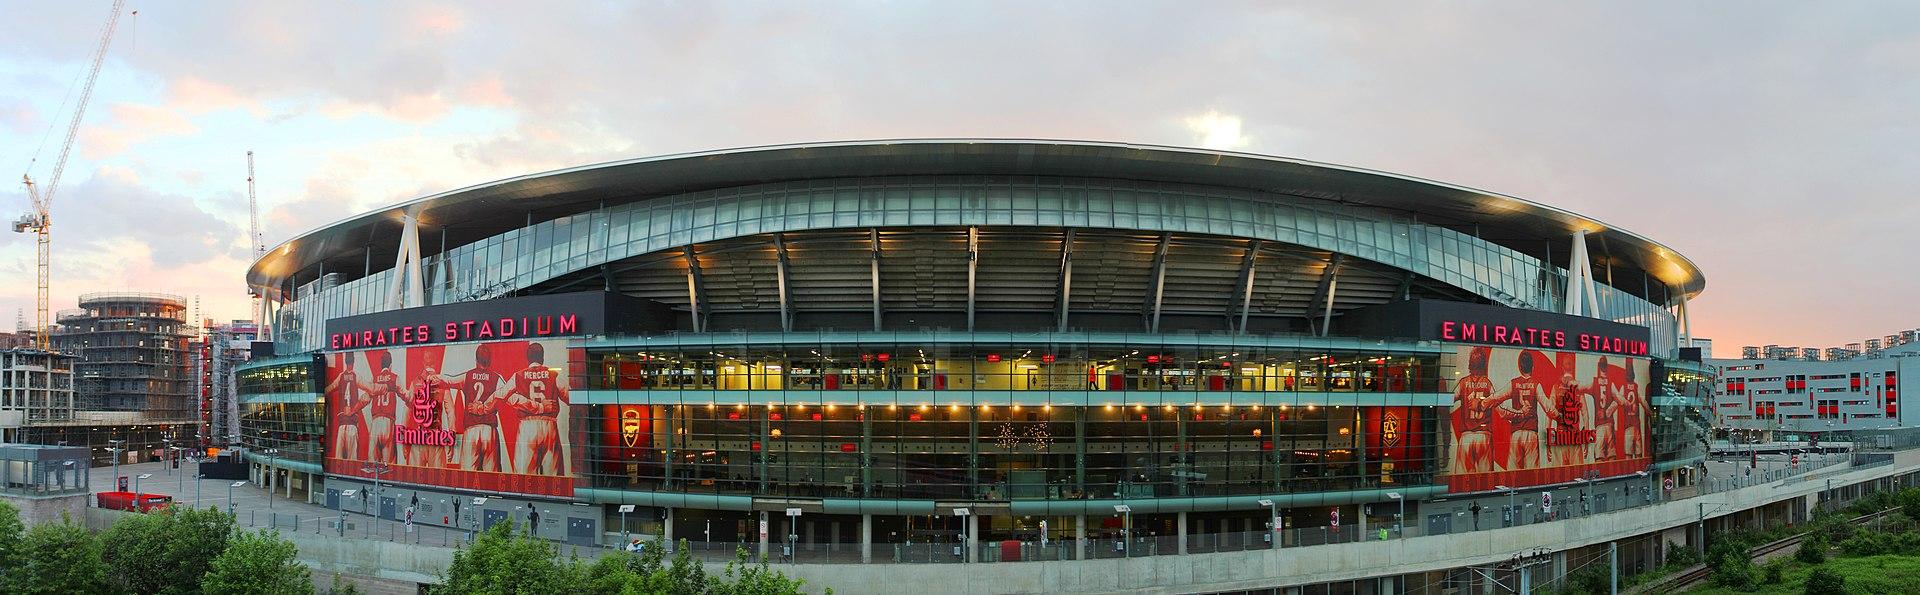 1920px-Emirates_Stadium_east_side_at_dusk.jpg